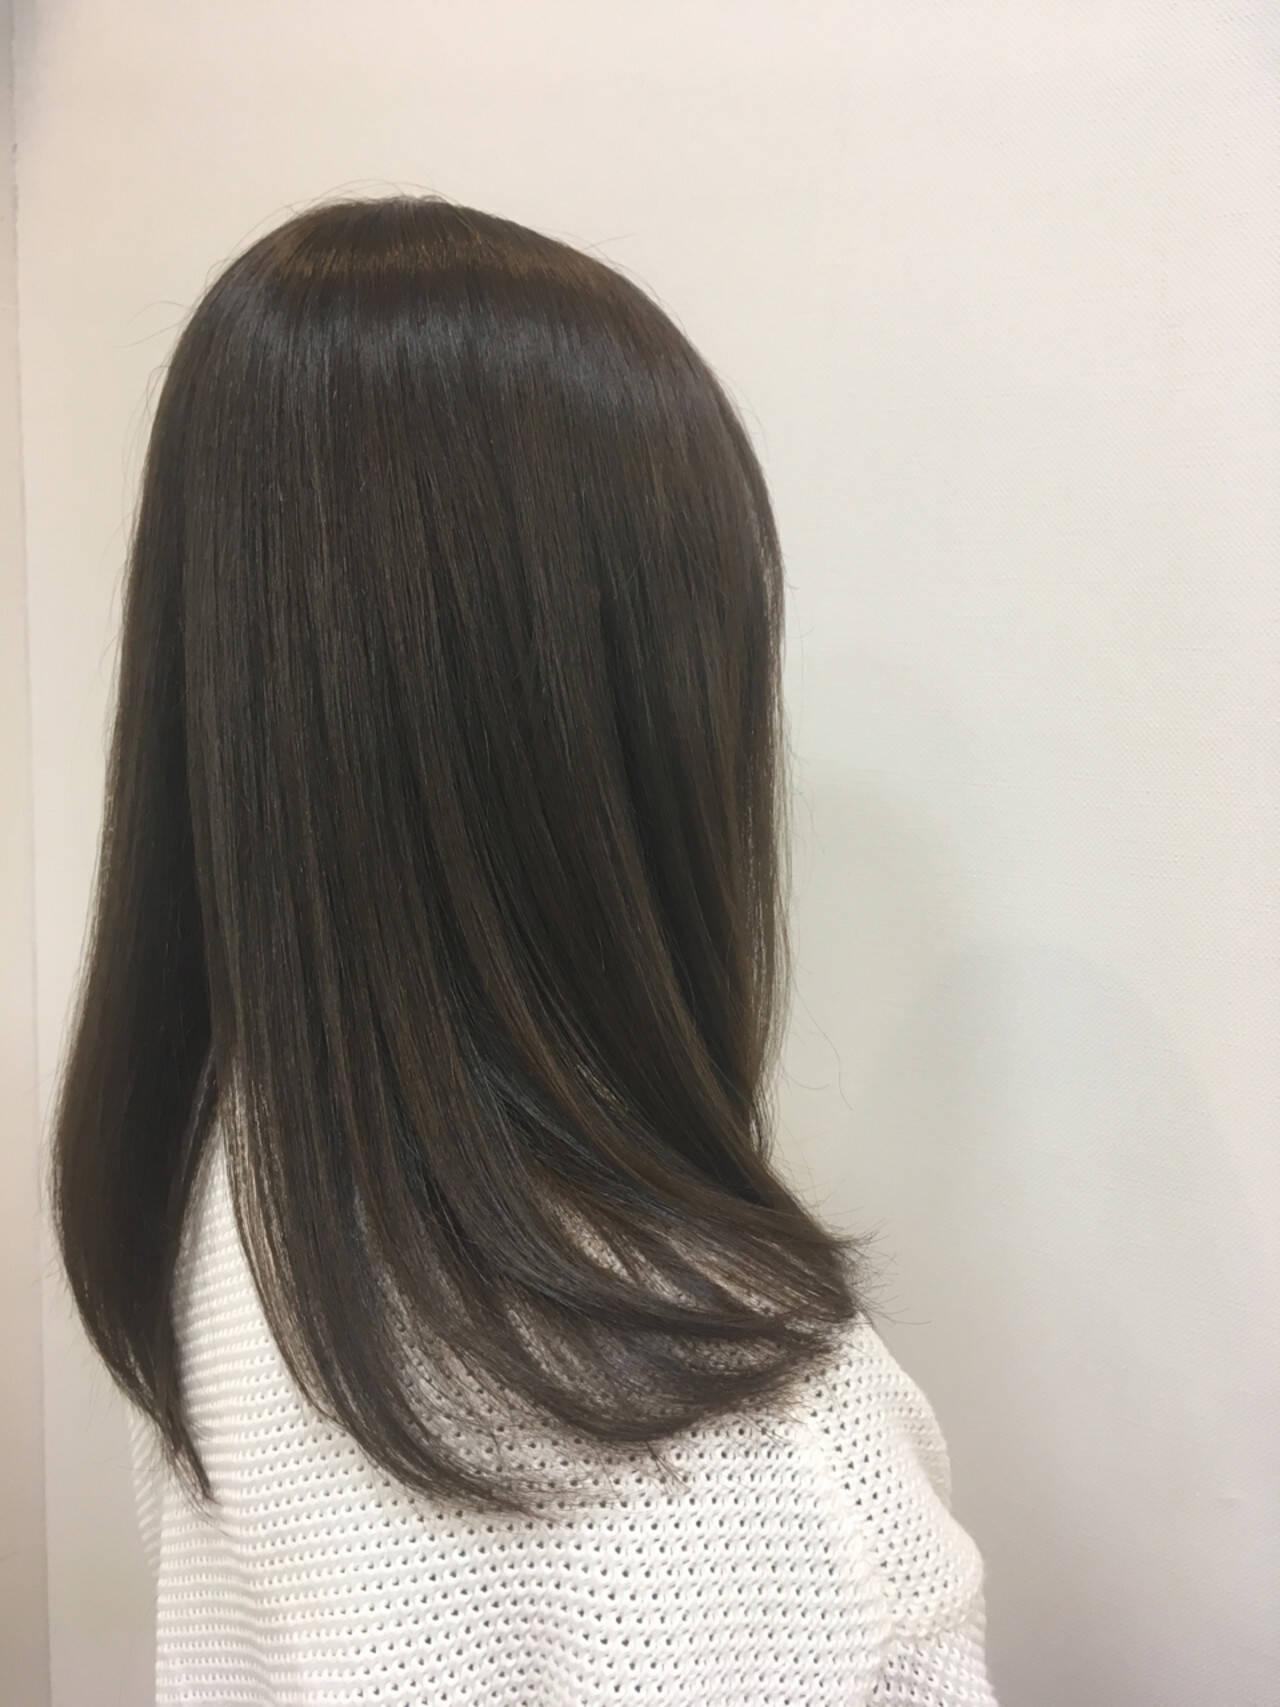 イルミナカラー ナチュラル グレーアッシュ アッシュグレーヘアスタイルや髪型の写真・画像